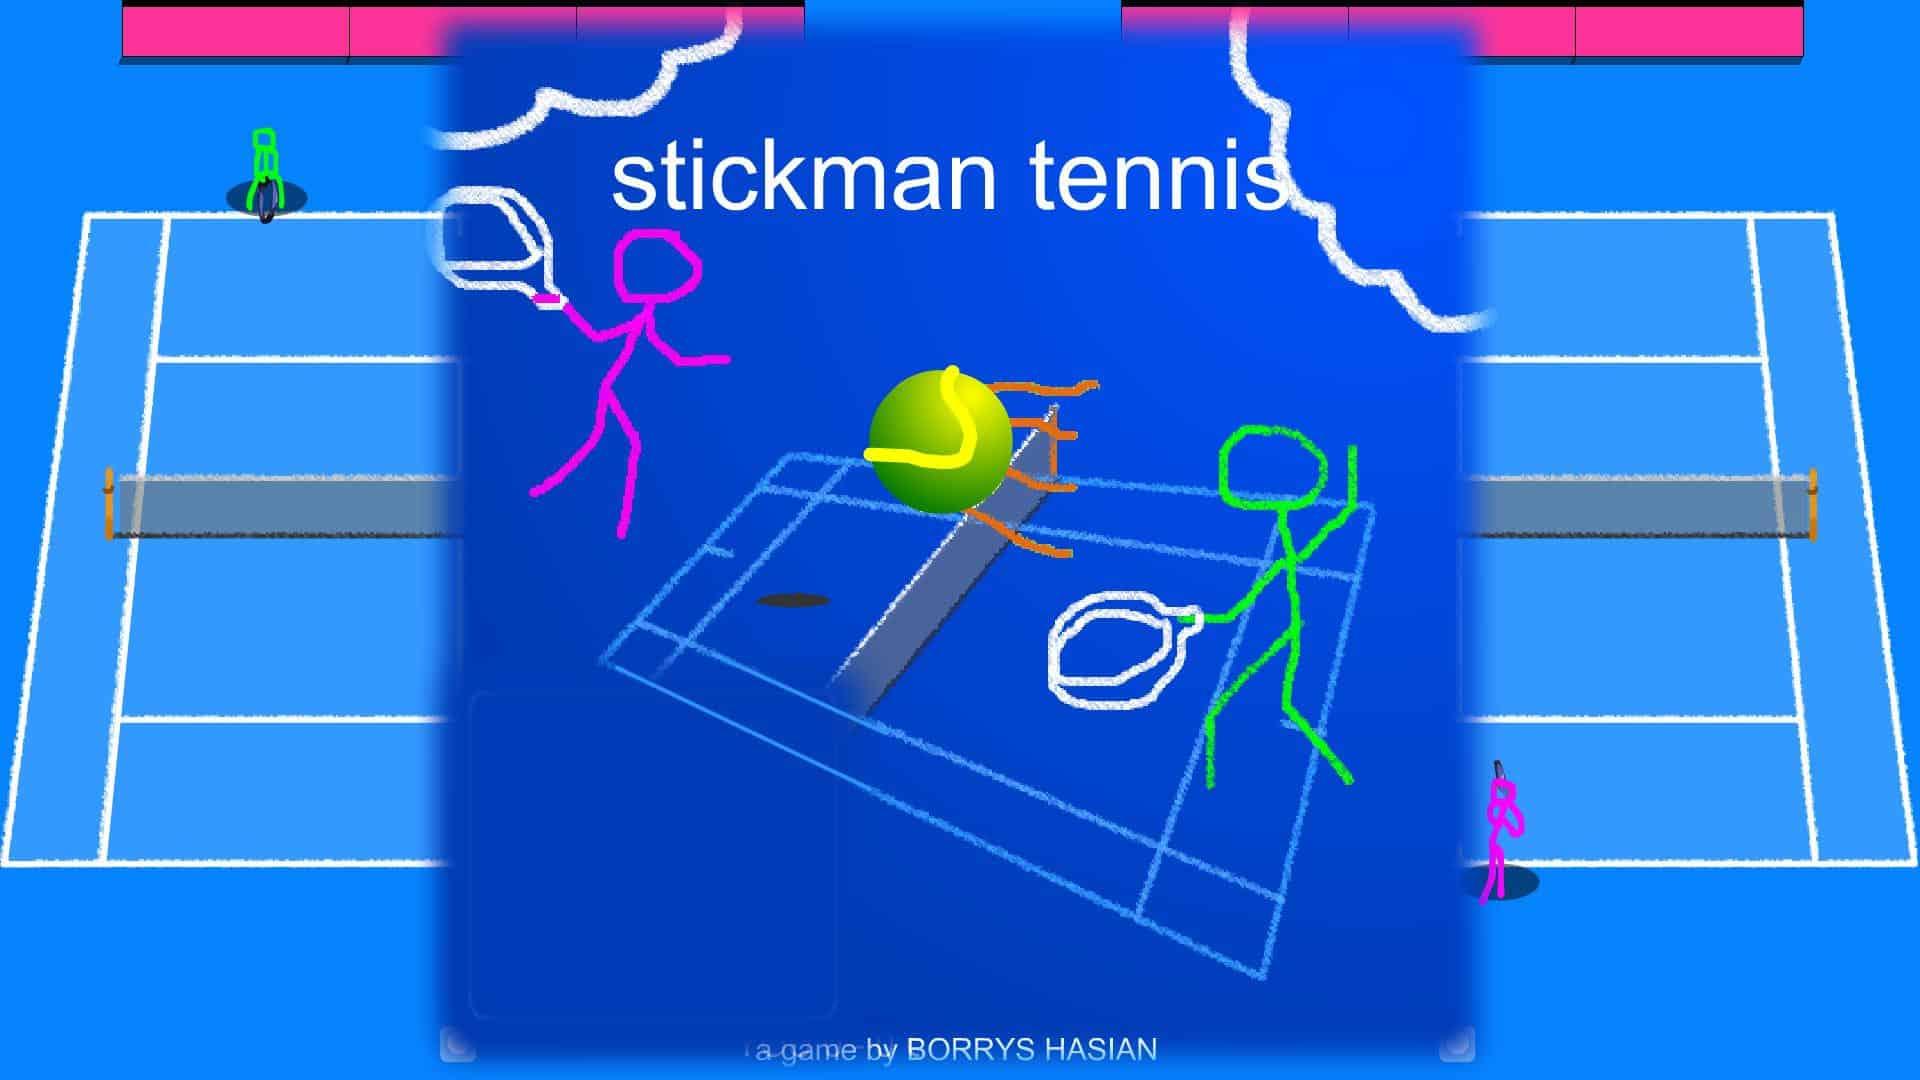 stickman games tennis